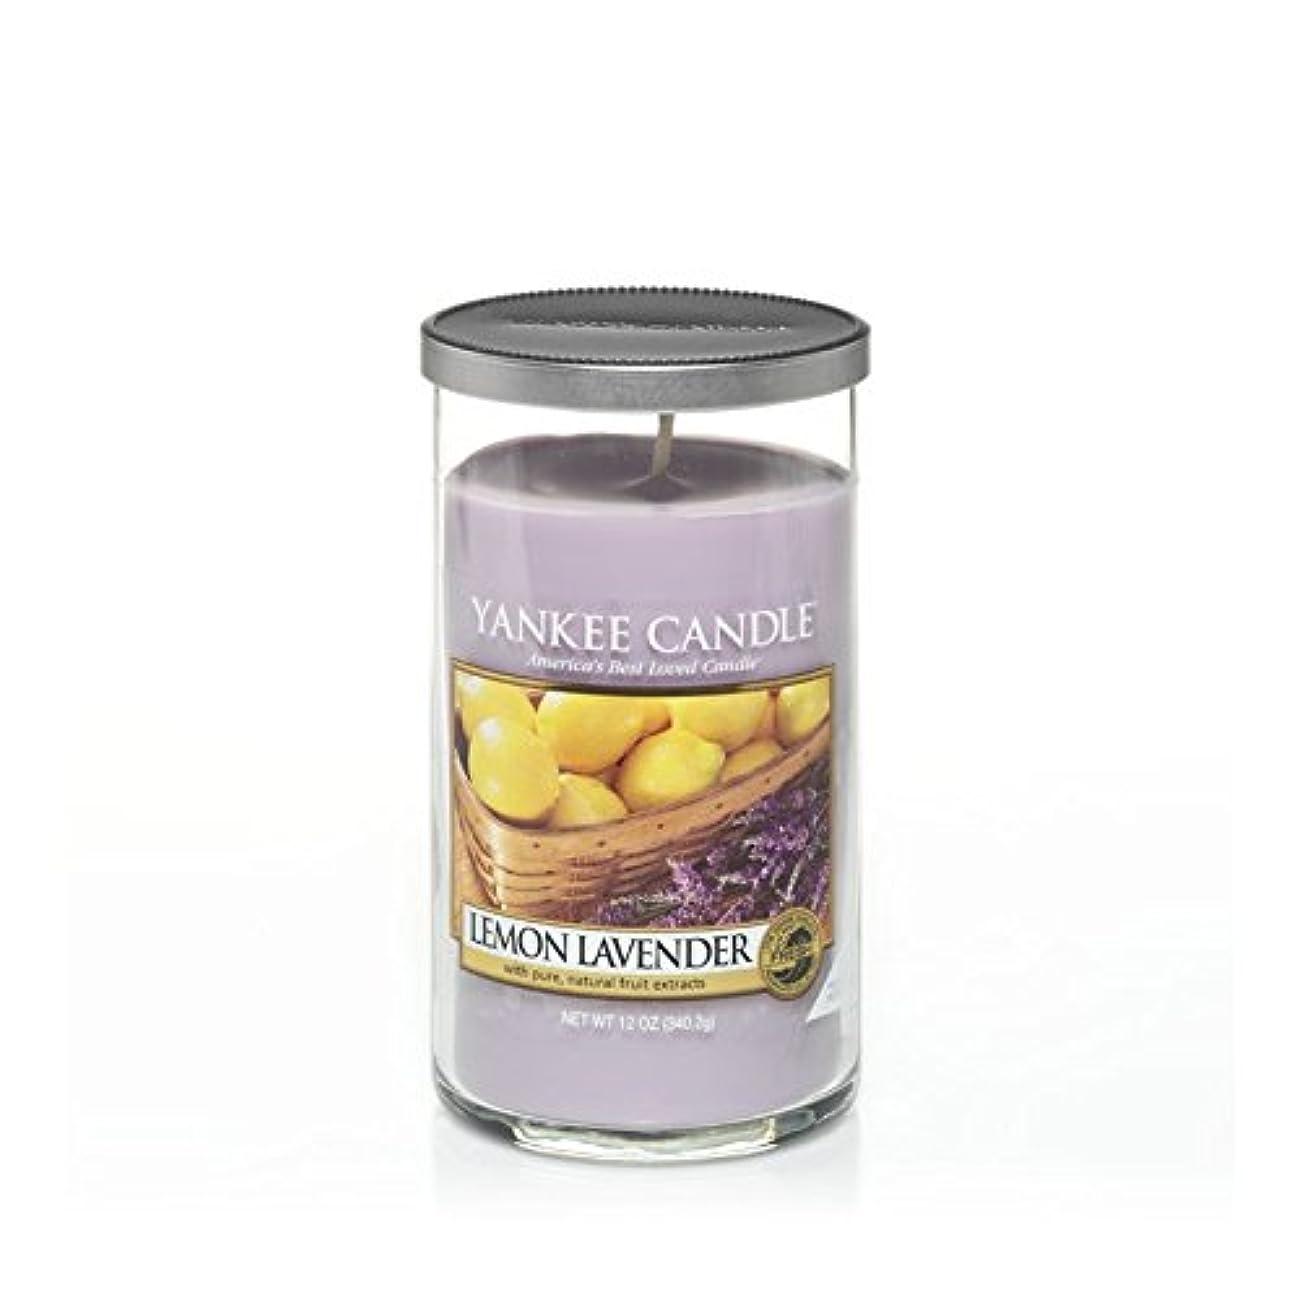 昨日追い越す農村ヤンキーキャンドルメディアピラーキャンドル - レモンラベンダー - Yankee Candles Medium Pillar Candle - Lemon Lavender (Yankee Candles) [並行輸入品]